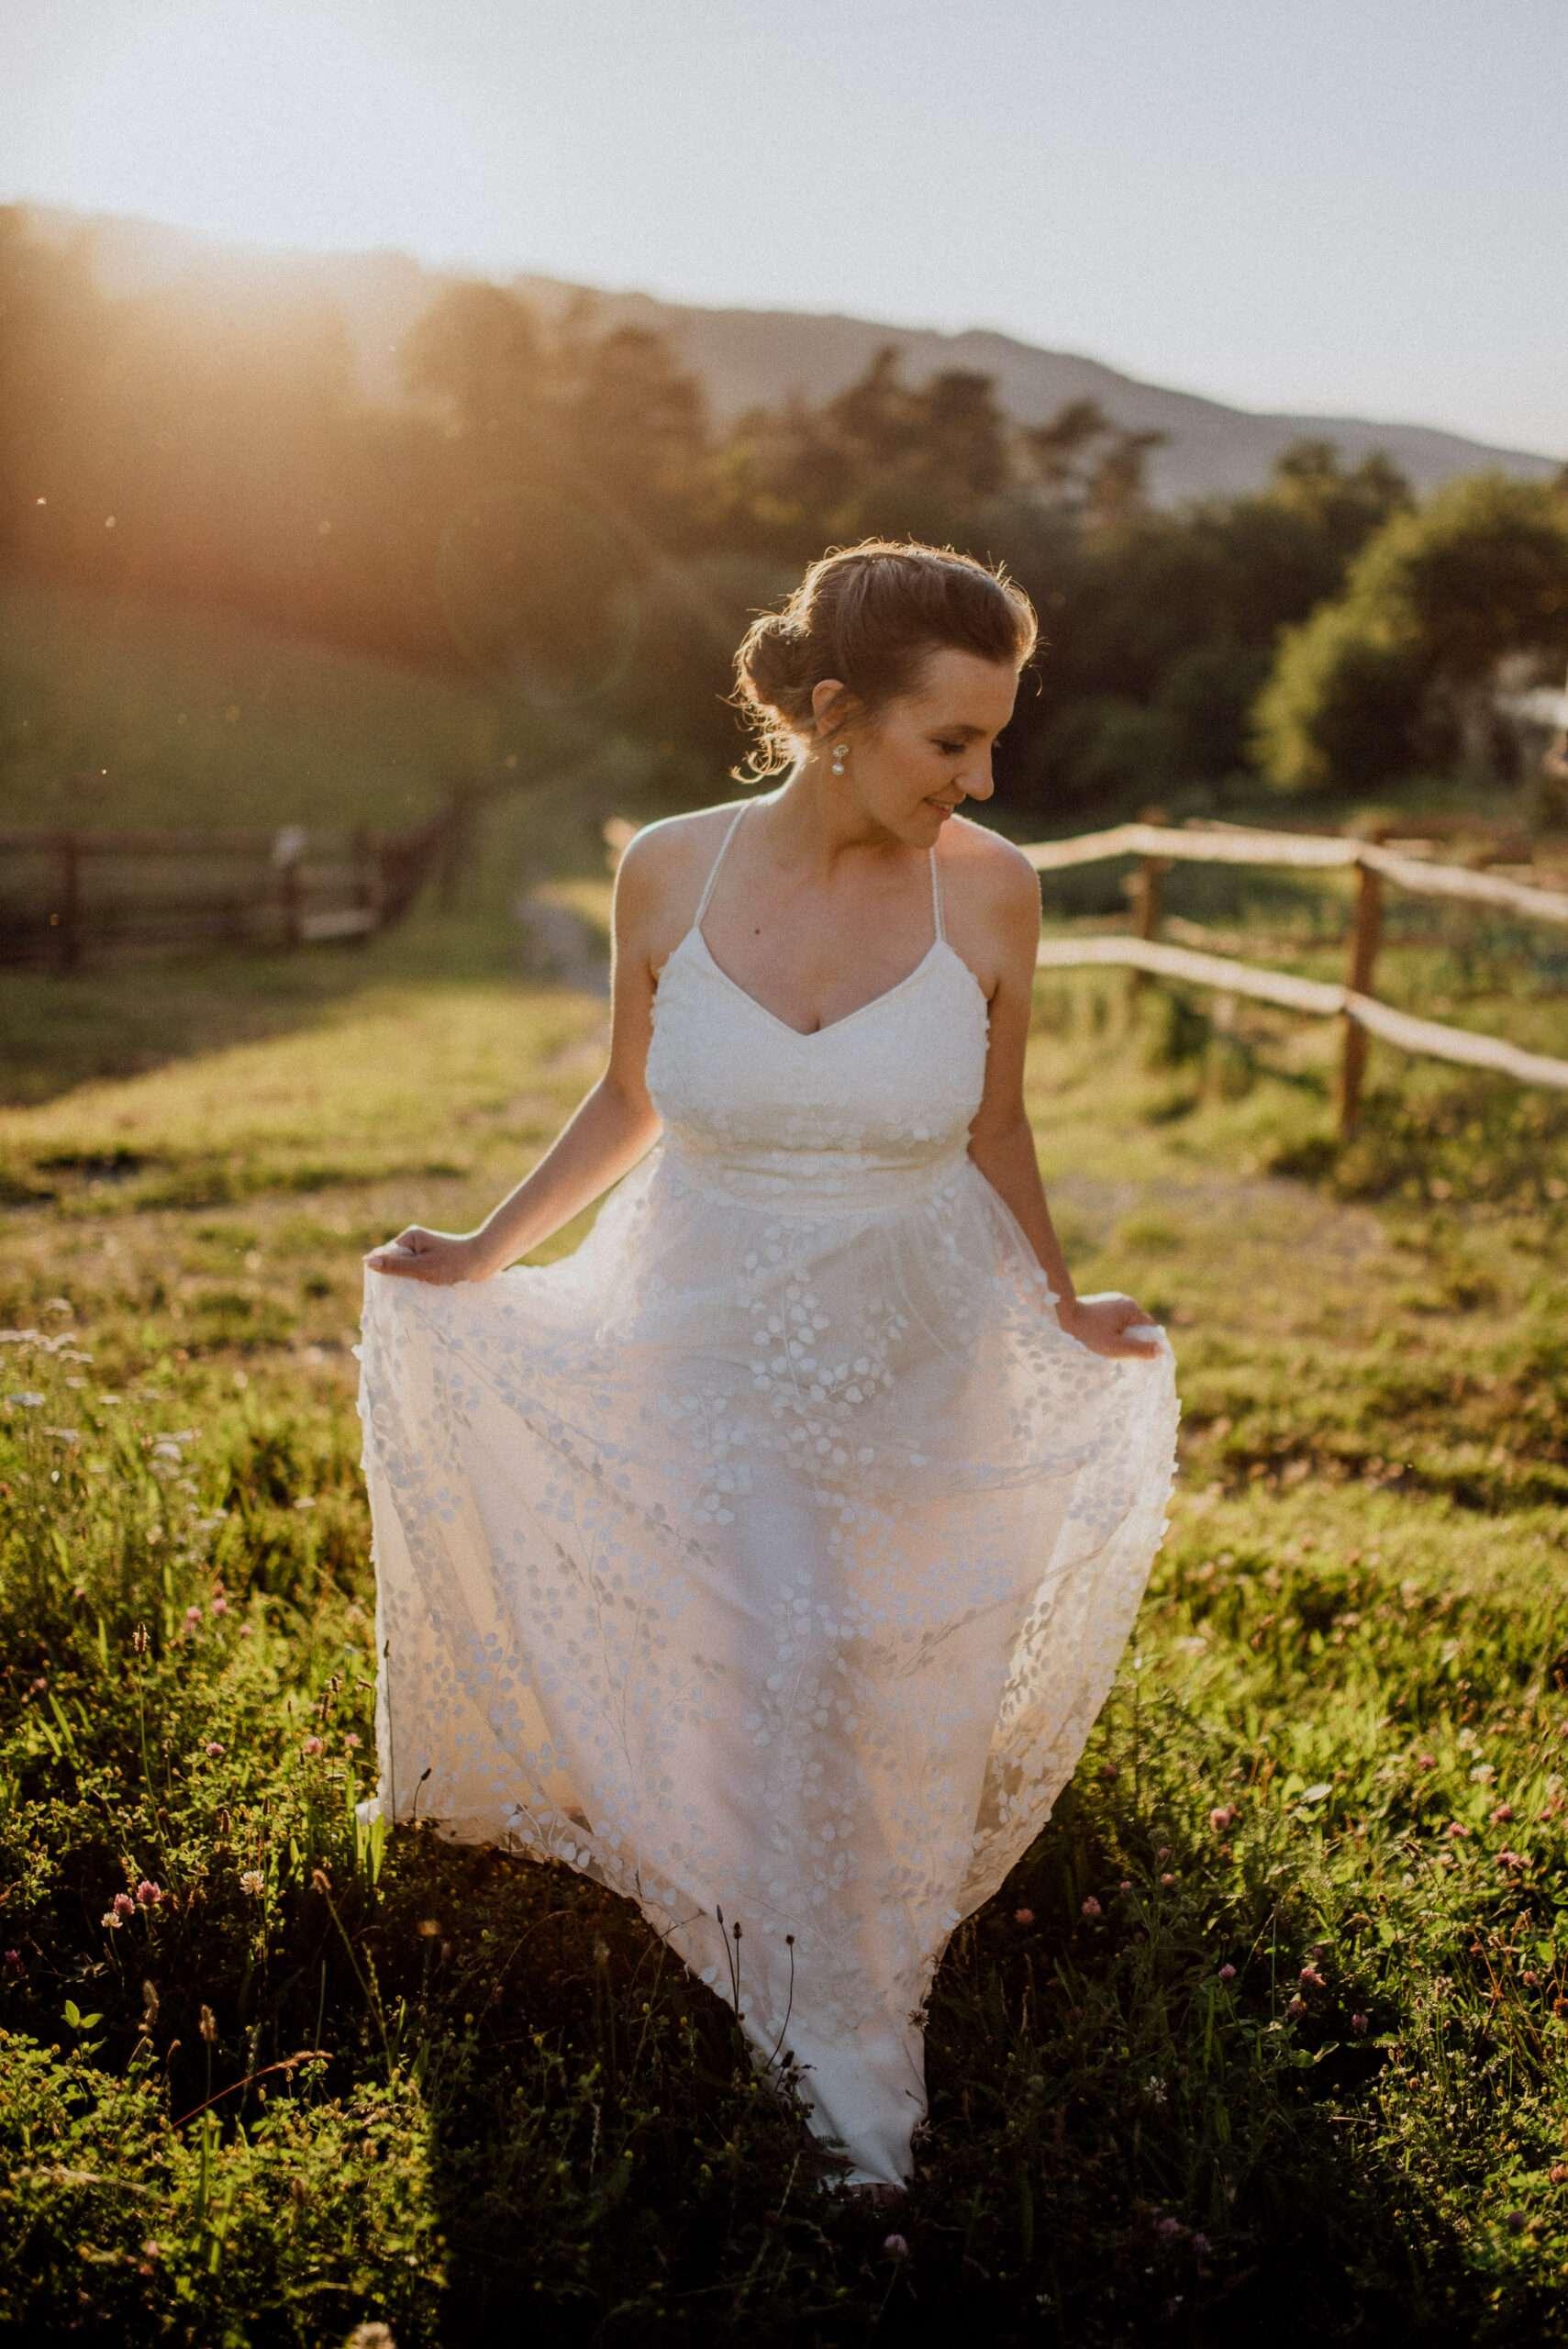 Nevěsta ve svatebních šatech jde po louce při západu slunce